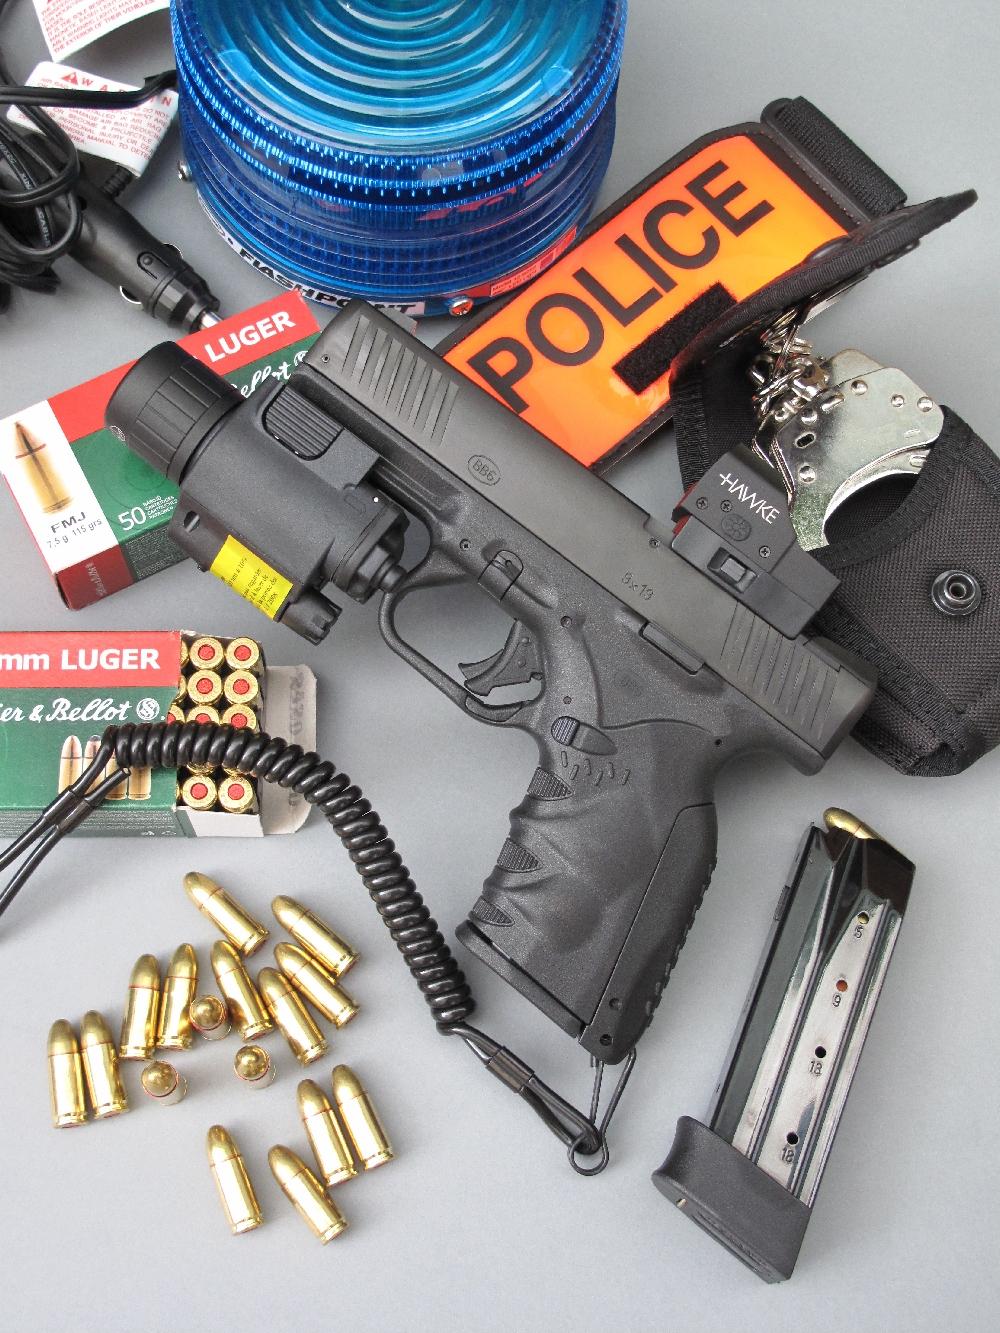 Le pistolet semi-automatique BB6 est équipé ici d'un viseur point rouge reflex de la marque américaine Hawke et d'un ensemble RTI Optics regroupant une lampe torche et un pointeur laser. Les accessoires en Cordura, brassard et porte-menottes, sont issus de la maison française GK Professional, tandis que le gyrophare « Flash Point » est estampillé SHO-ME, une marque commerciale de la firme américaine Able 2 Products, basée dans la Missouri.